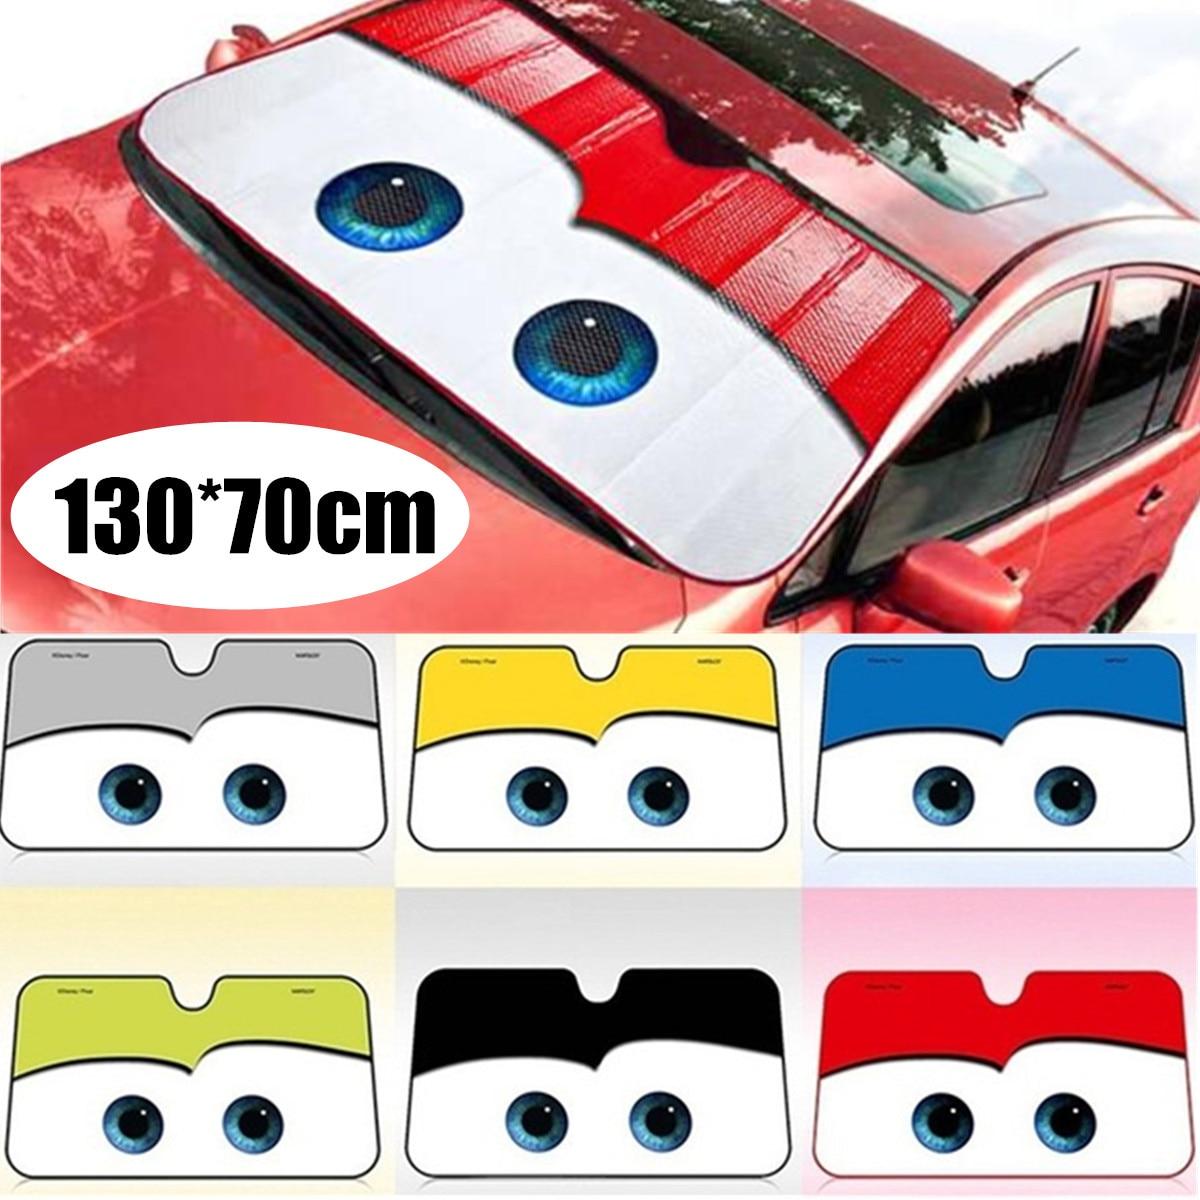 6 couleurs yeux forme voiture pare-soleil chauffé pare-brise dessin animé pare-brise couverture Auto pare-soleil bâches de voiture voiture Protection solaire